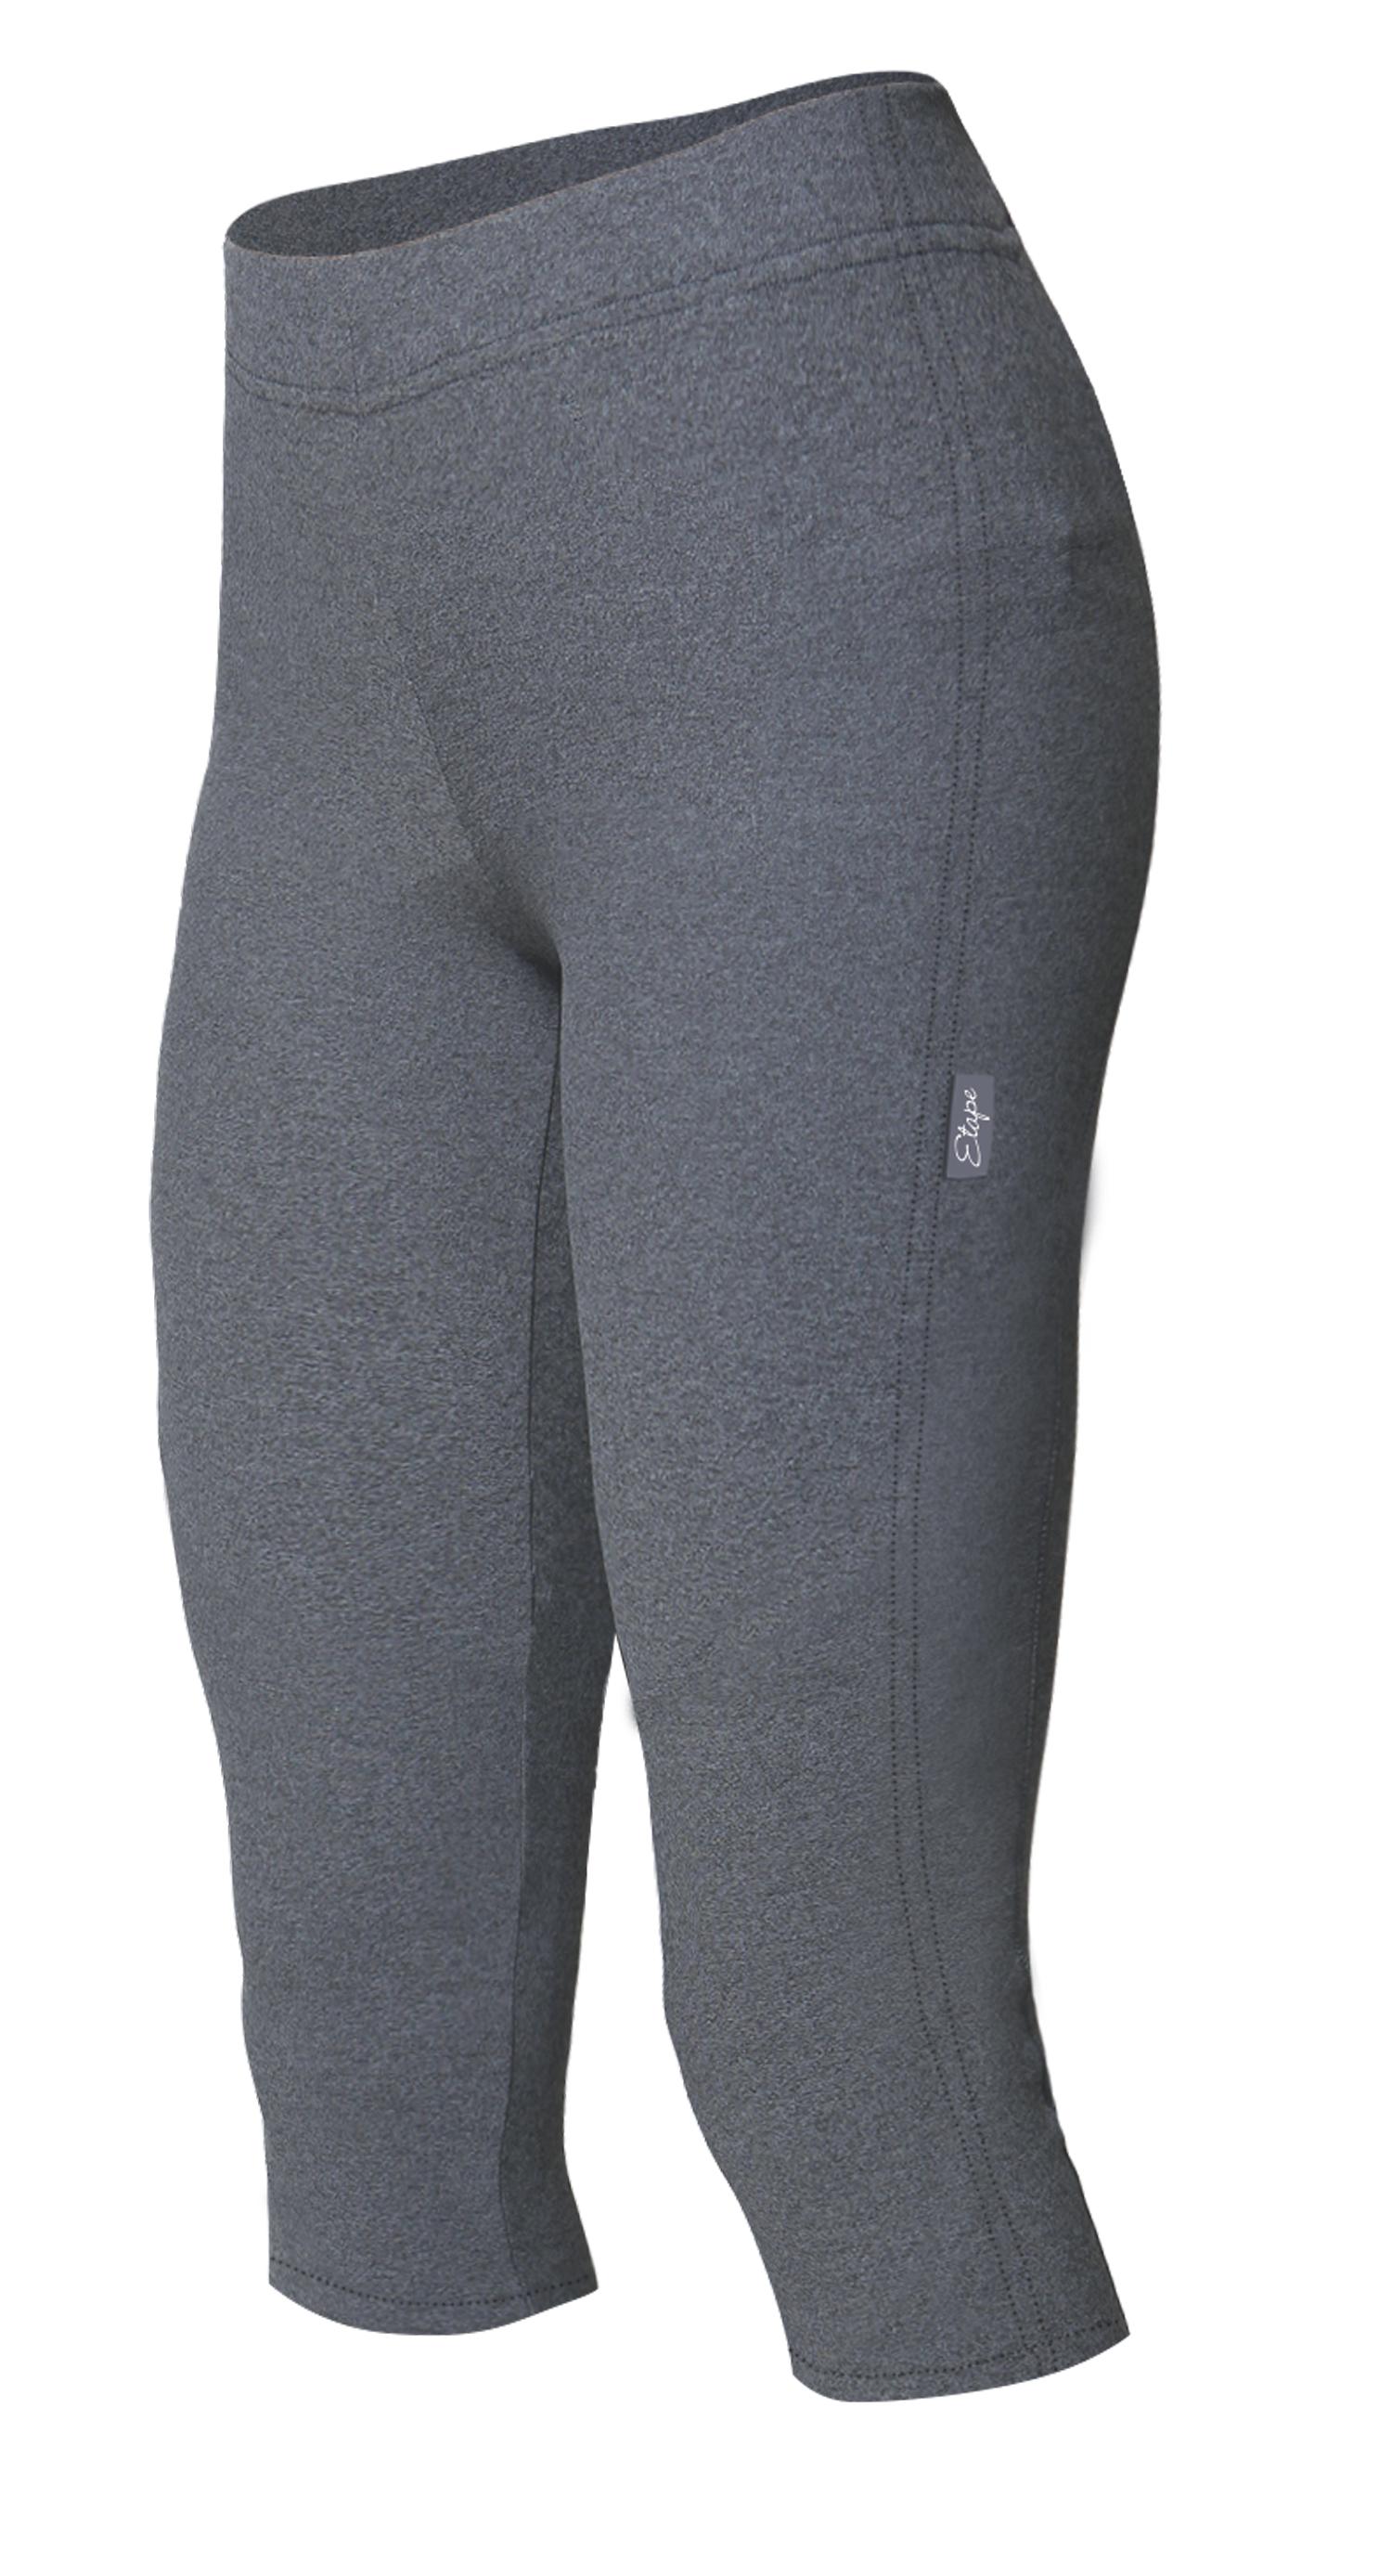 Dámské cyklistické kalhoty ETAPE Lady 3/4, vel. S, šedá, s vložkou, model 2017 (Dámské cyklistické kalhoty Etape, s dámskou elastickou vložkou )